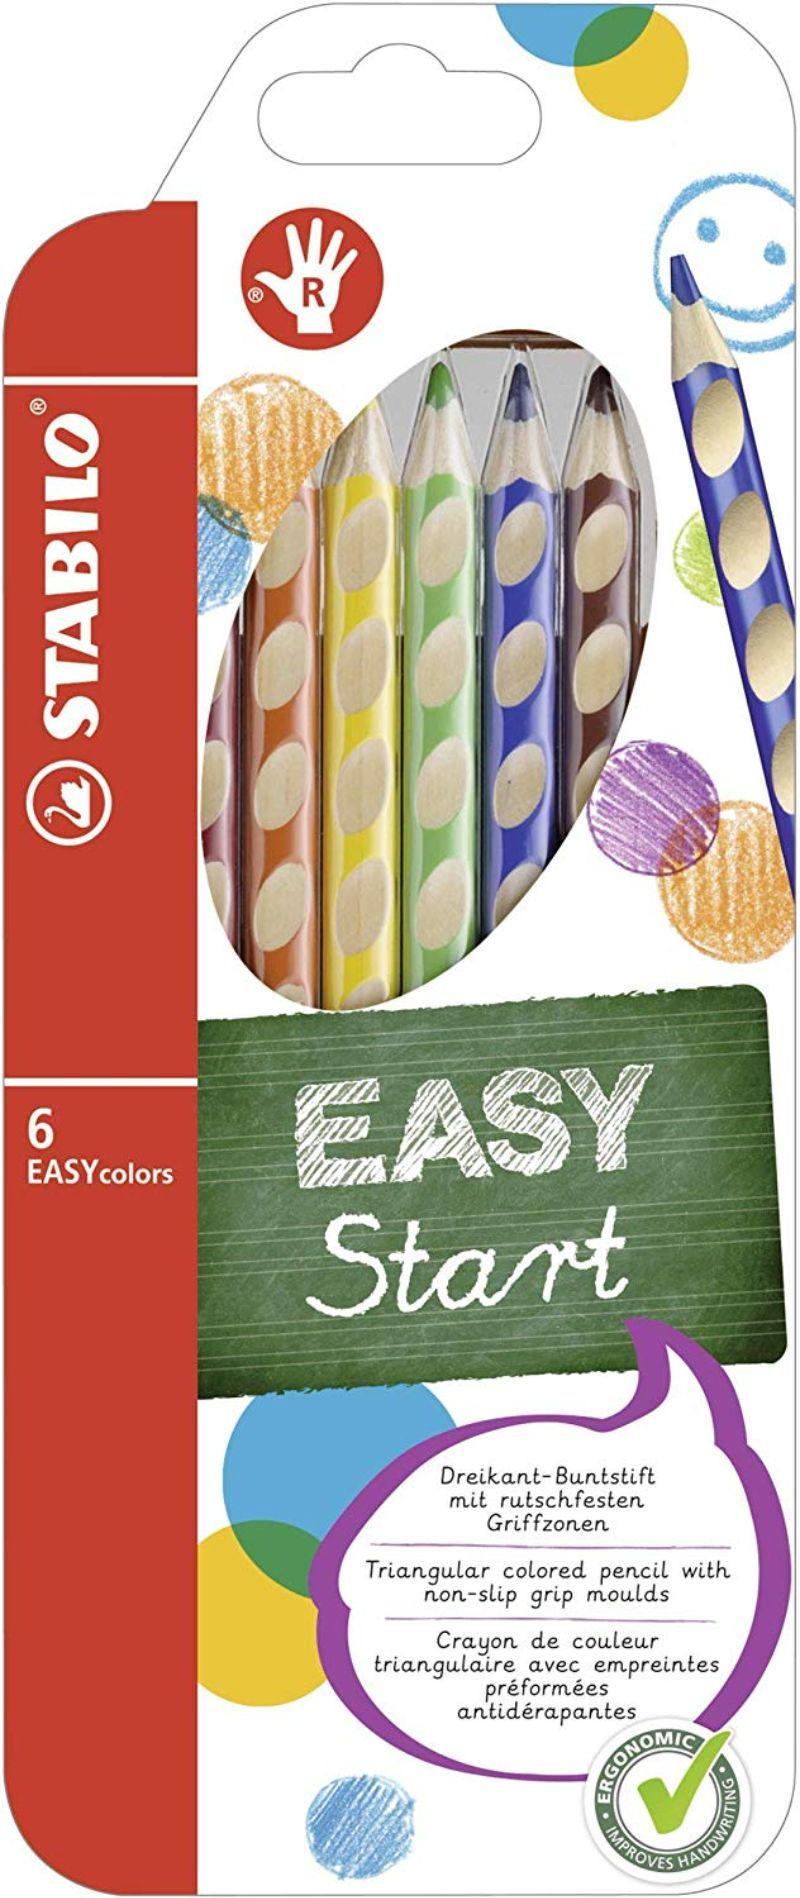 easy-start-stabilo-per-destrimani-da-6